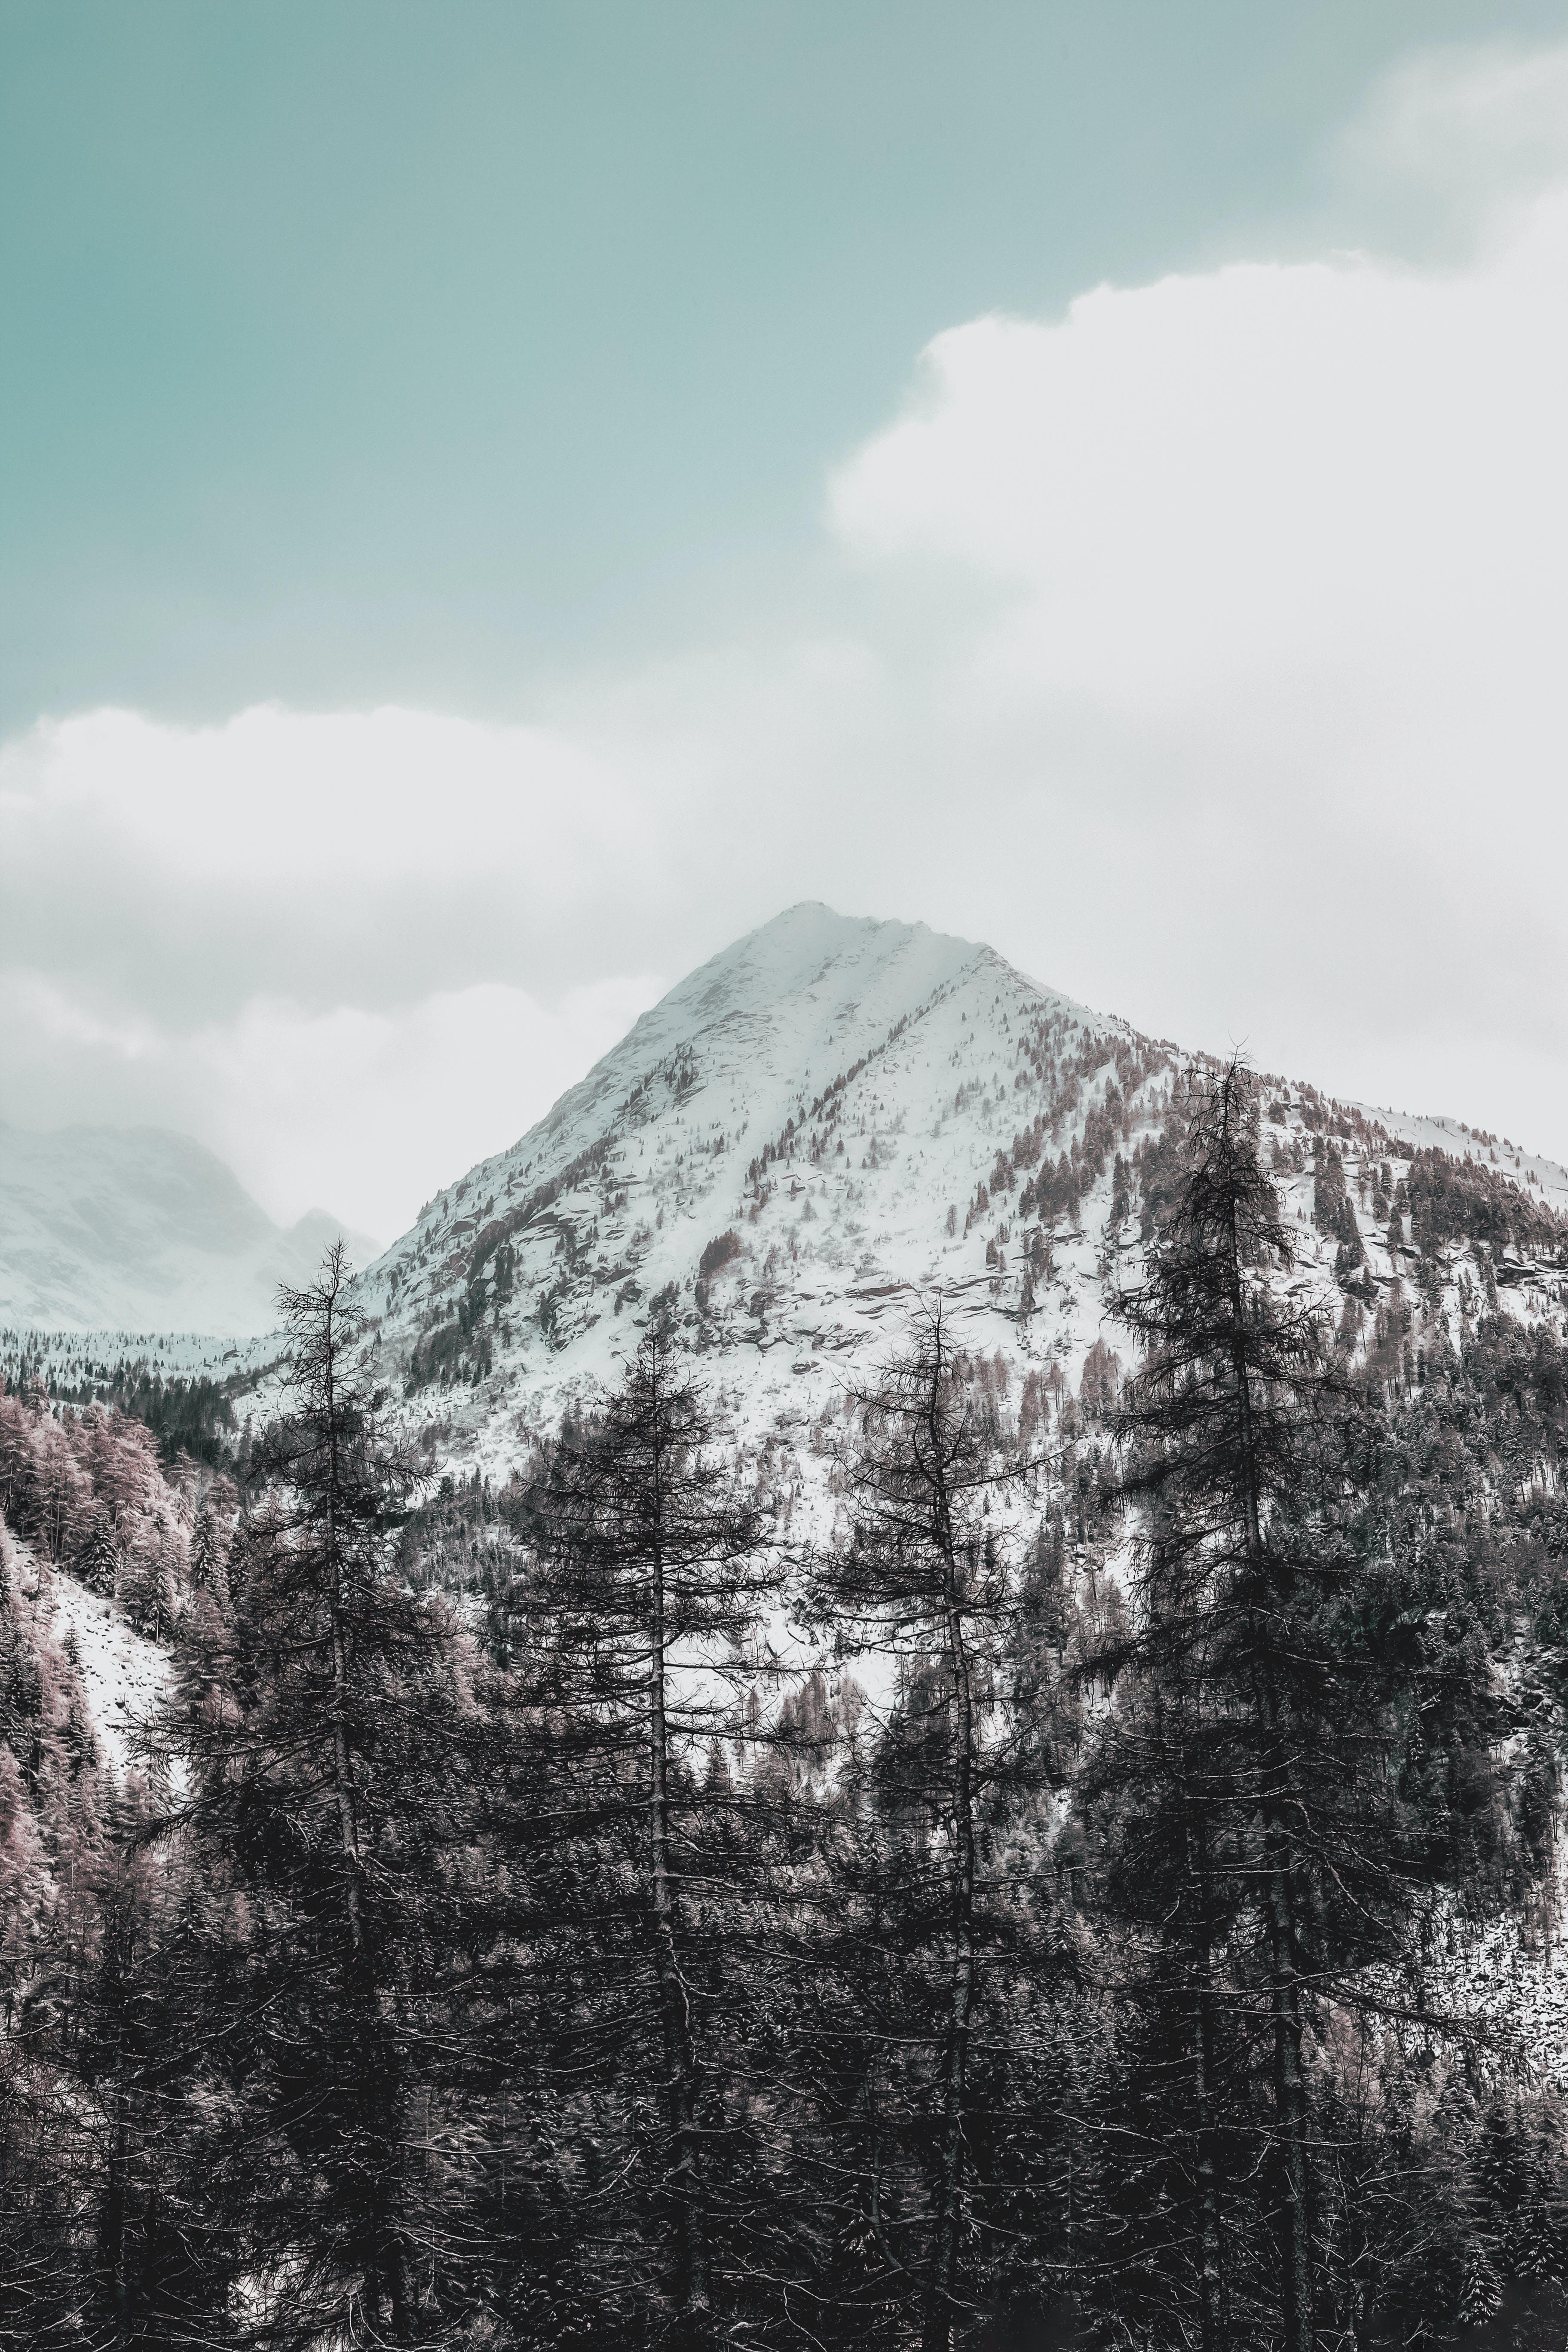 天性, 景觀, 洛磯山脈, 白雪皚皚 的 免费素材照片